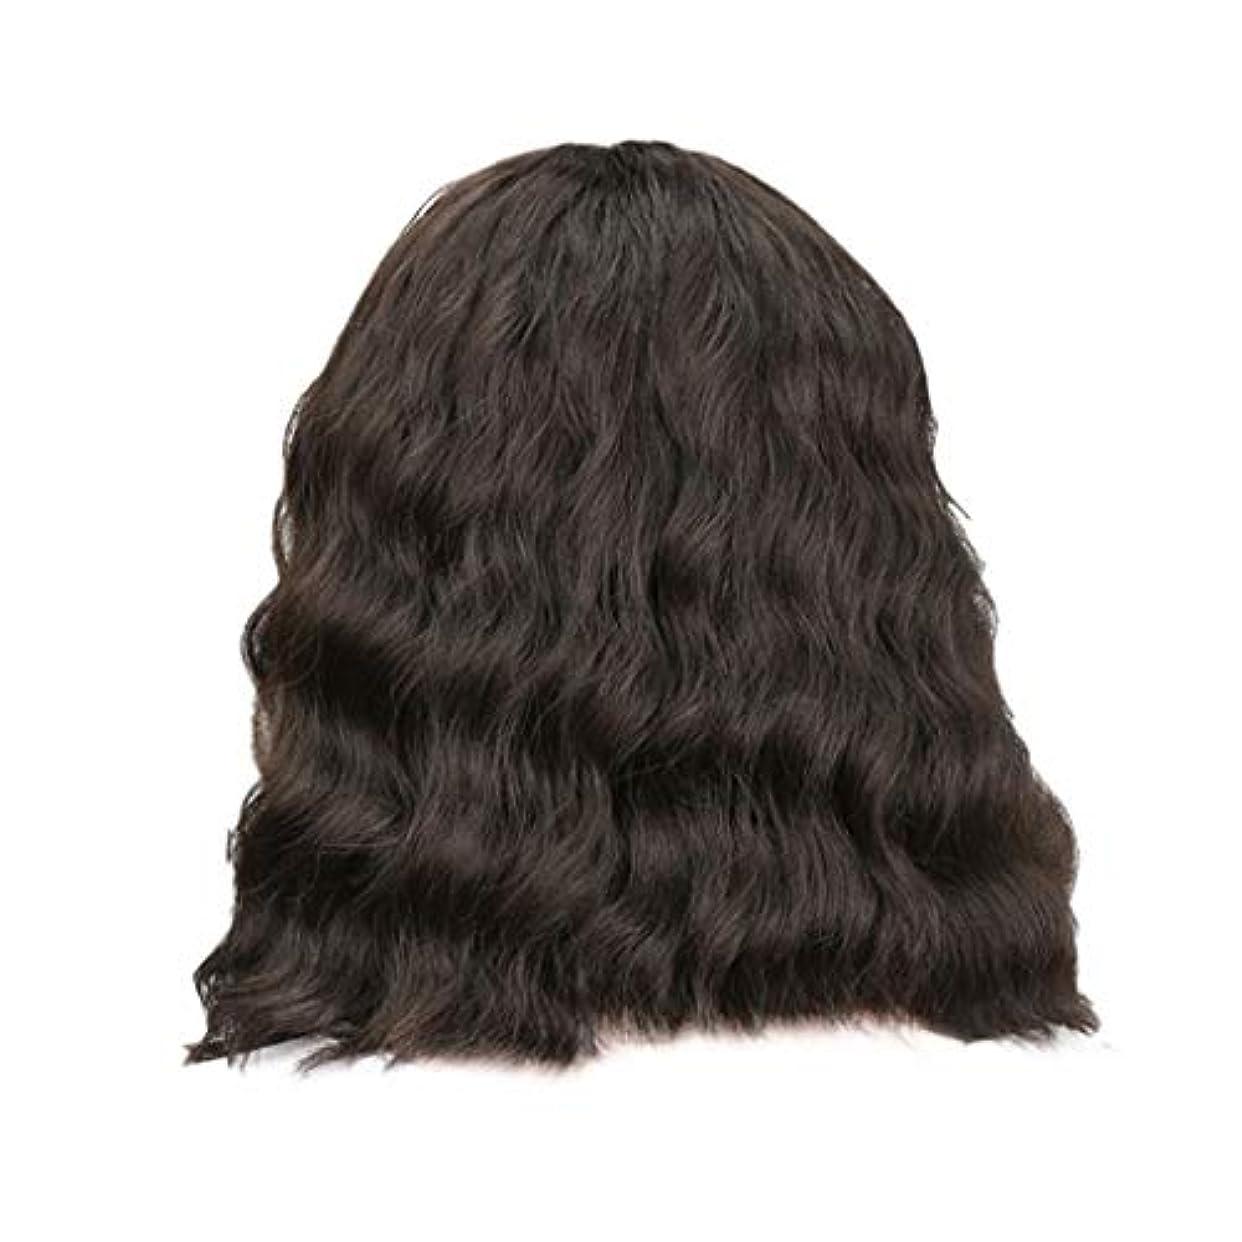 残るピアース半円女性の黒の短い巻き毛のかつらボブ波かつらローズネット34 cm